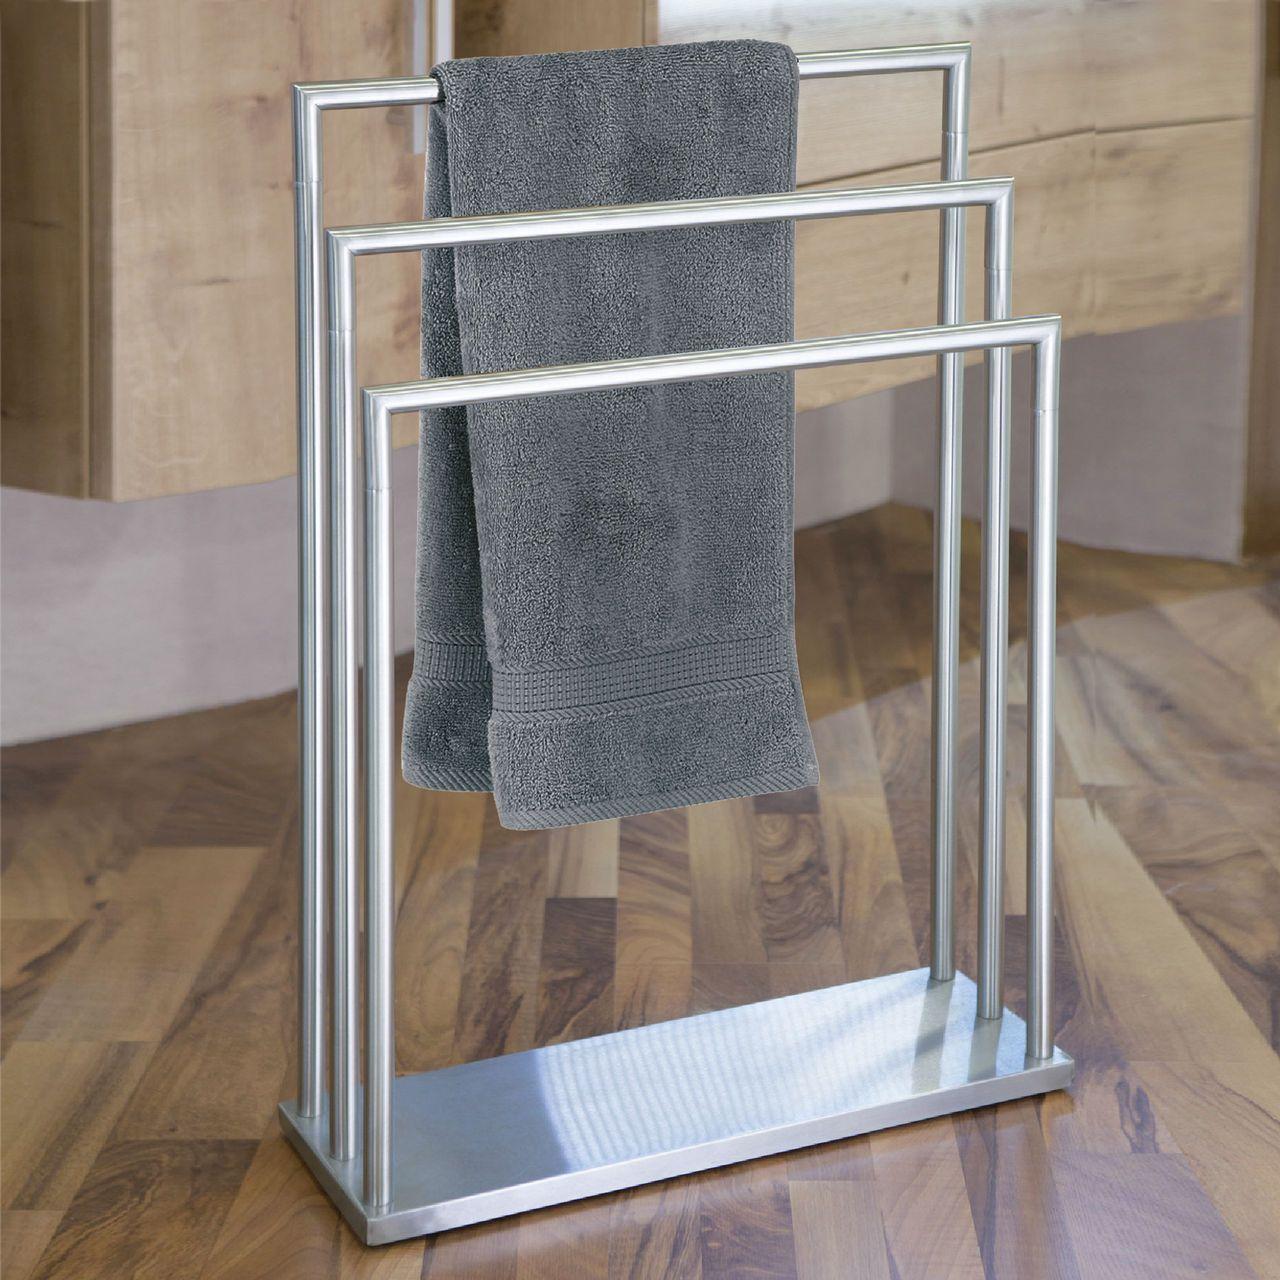 Handtuchhalter fürs Badezimmer mit Bildern